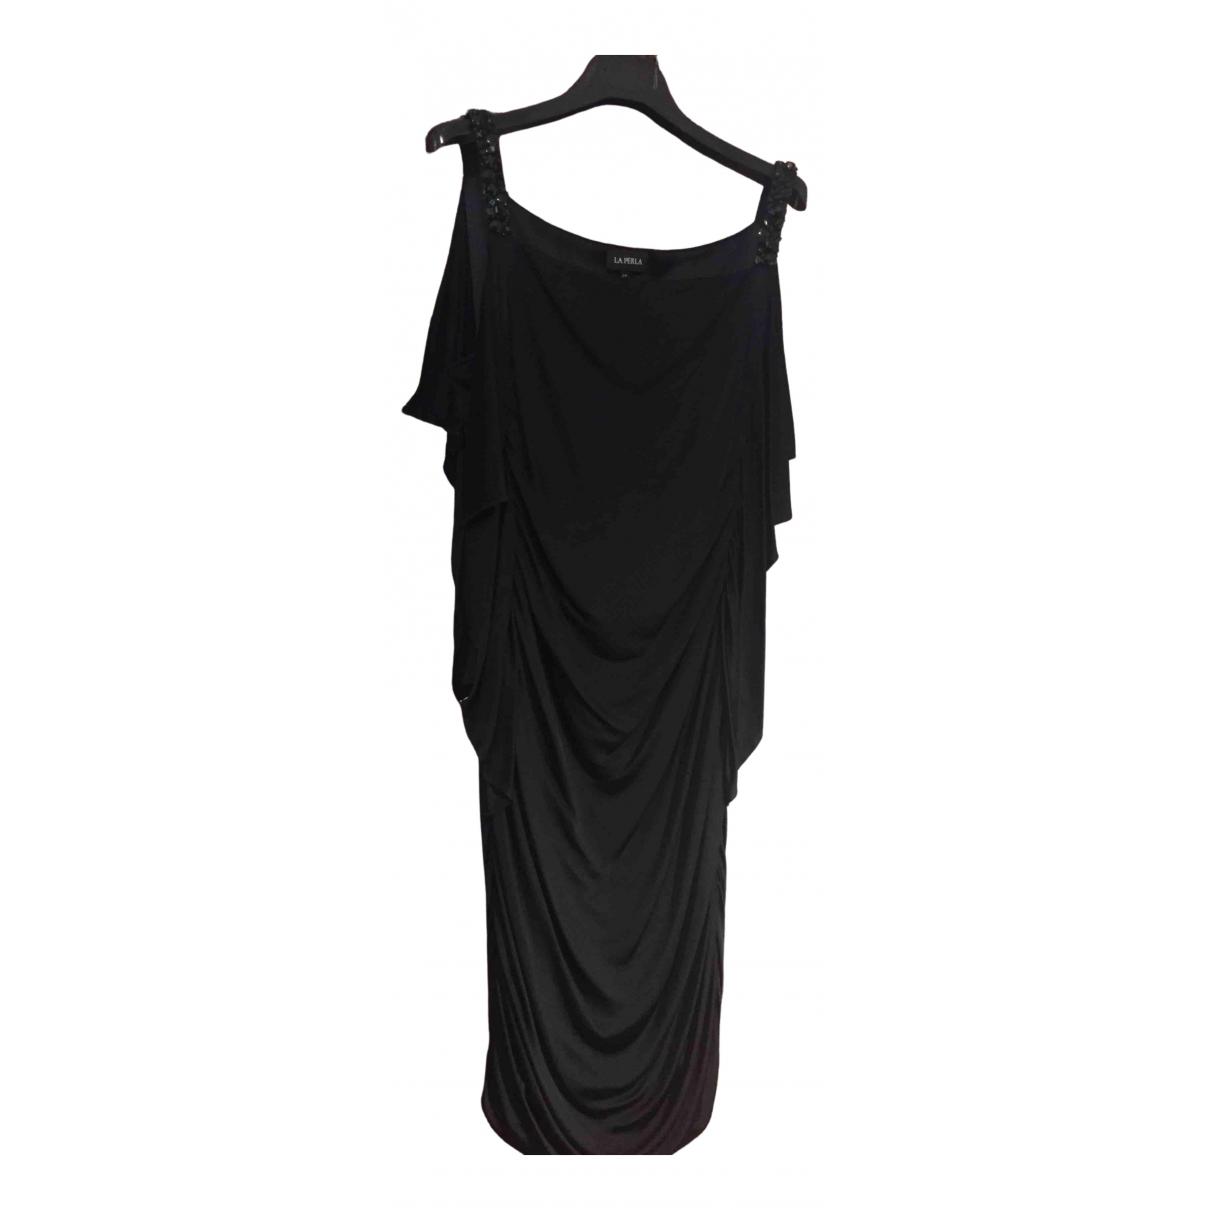 La Perla - Robe   pour femme en a paillettes - noir